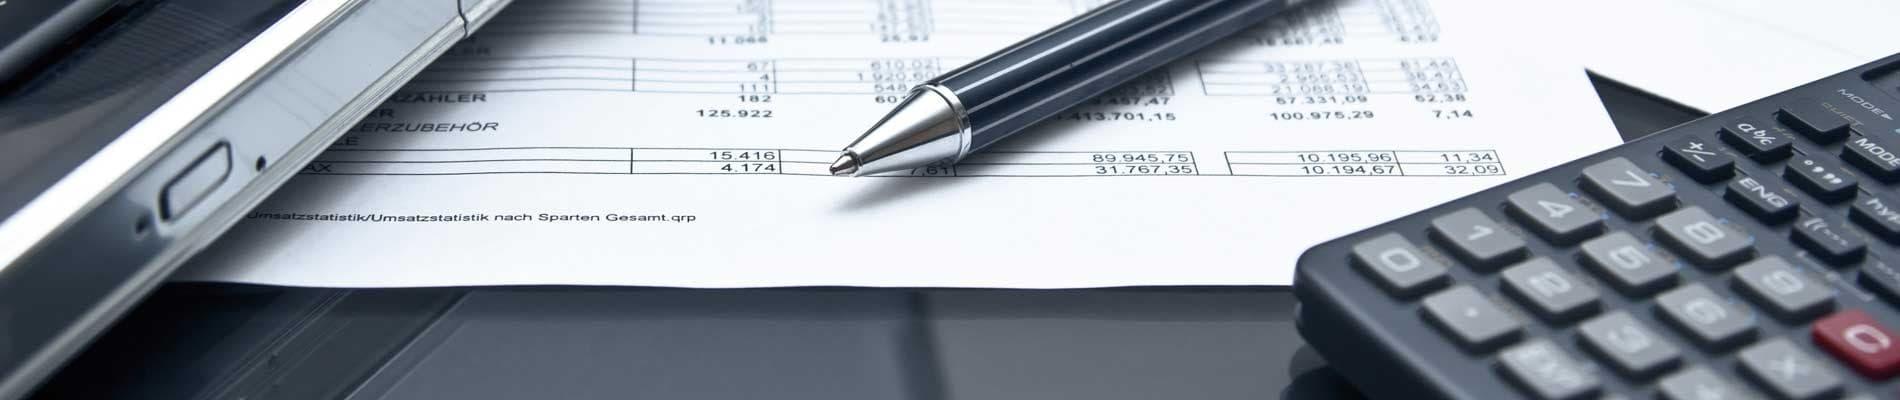 Assegurances i ciències actuarials